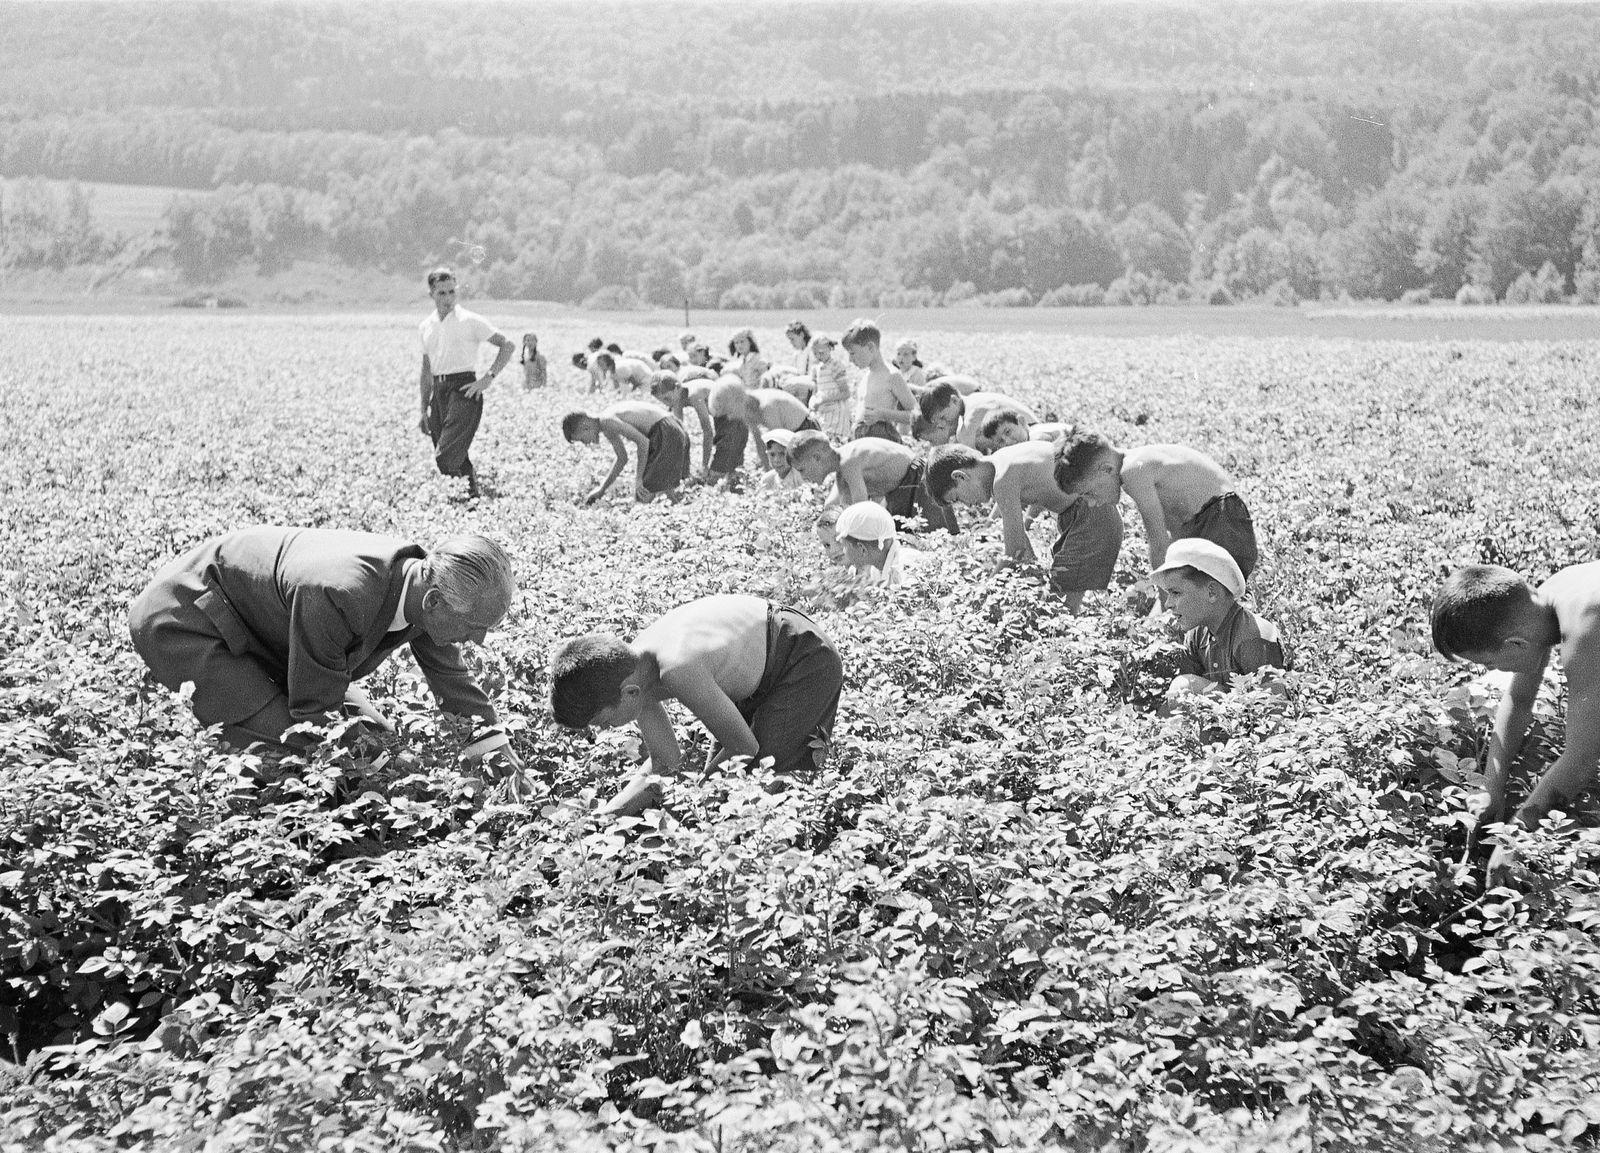 WK 2: Anbauschlacht; Kartoffelkäfer suchen, Allmend 1942